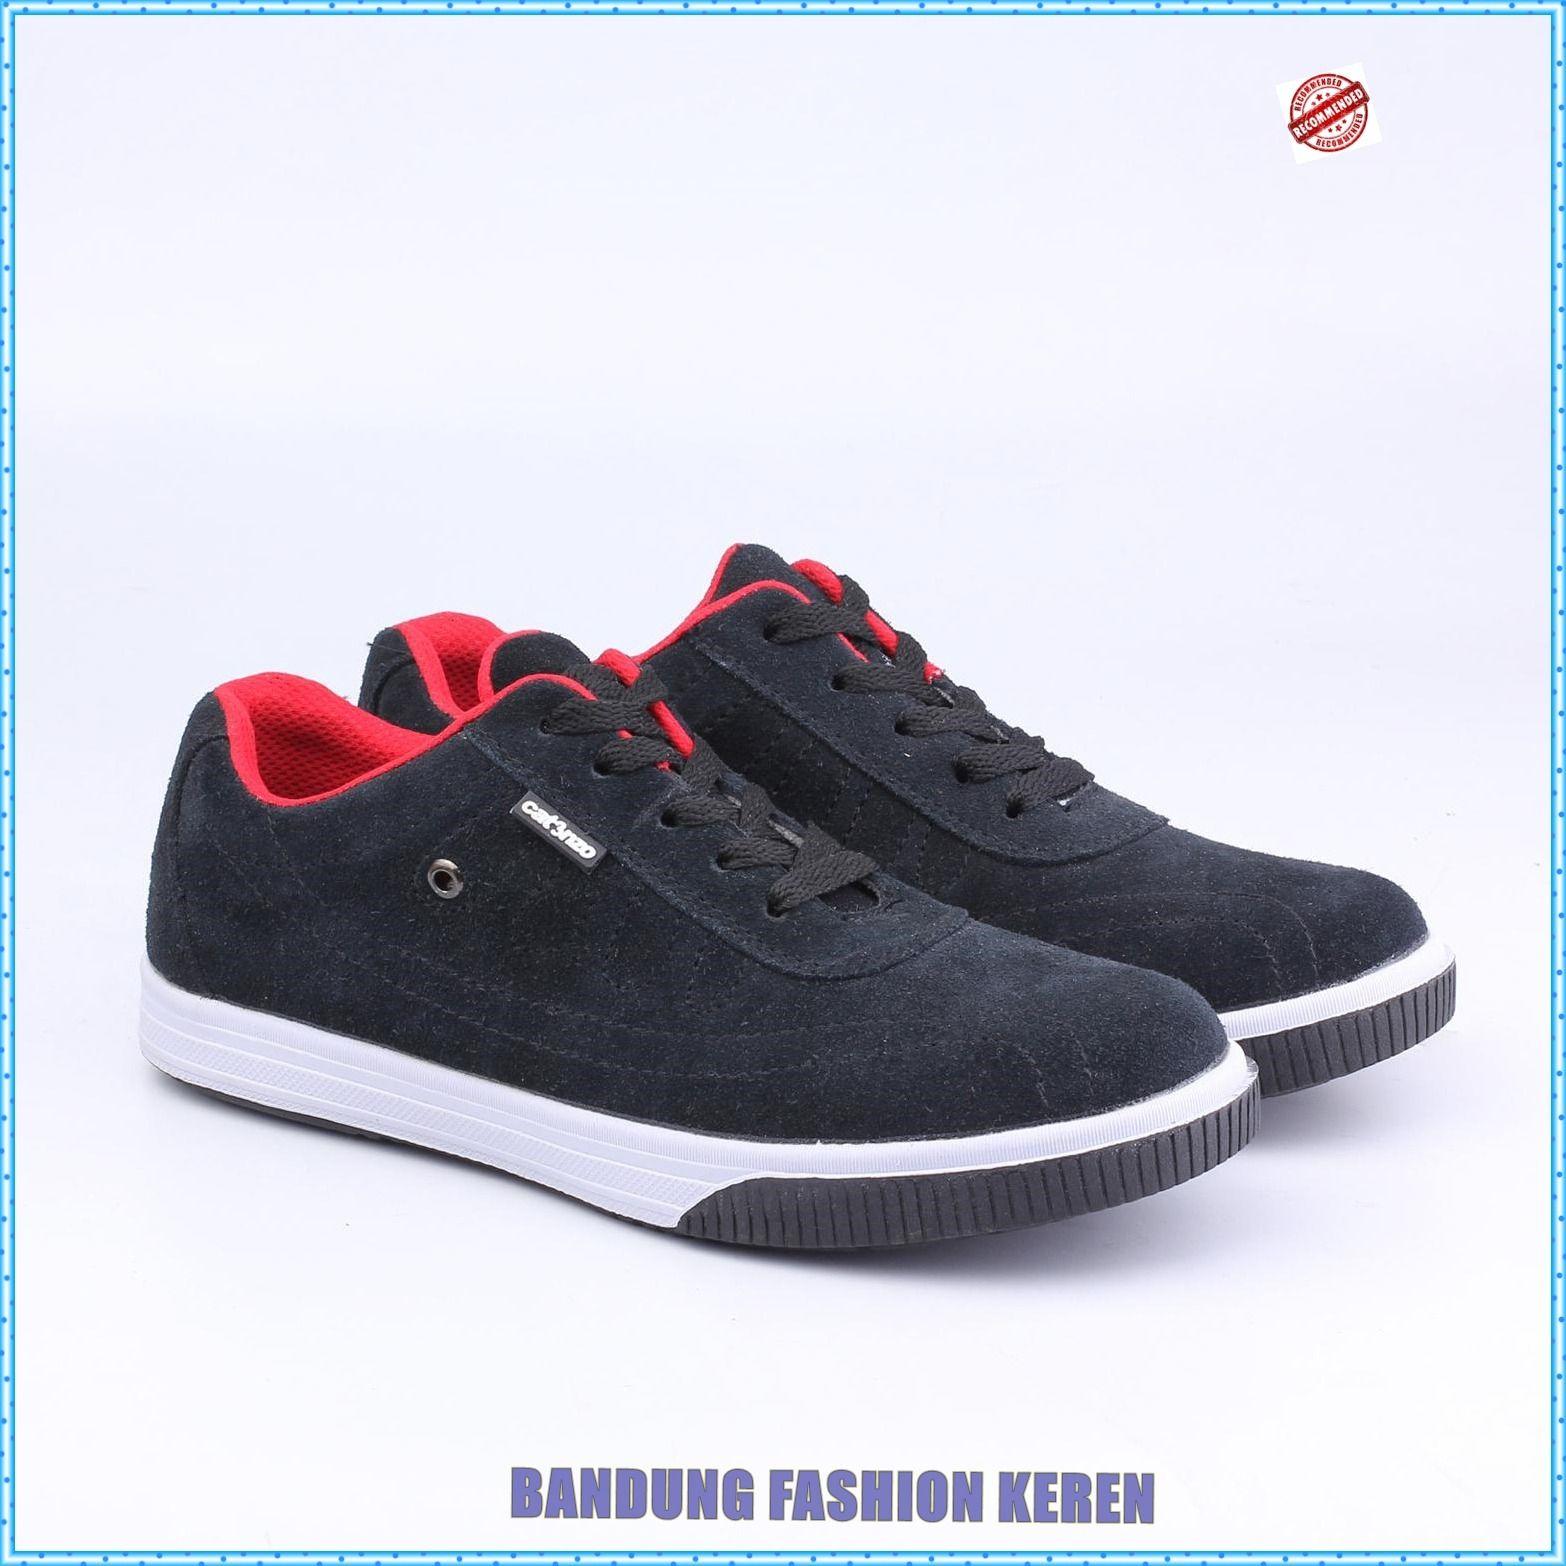 Sepatu Sport Pria Tf 088 Produk Fashion Handmade Terbaik 100 Persen Asli Produk Indonesia Asal Bandung Kota Paris Van Java Produk Terbaru Sepatu Hitam Pria